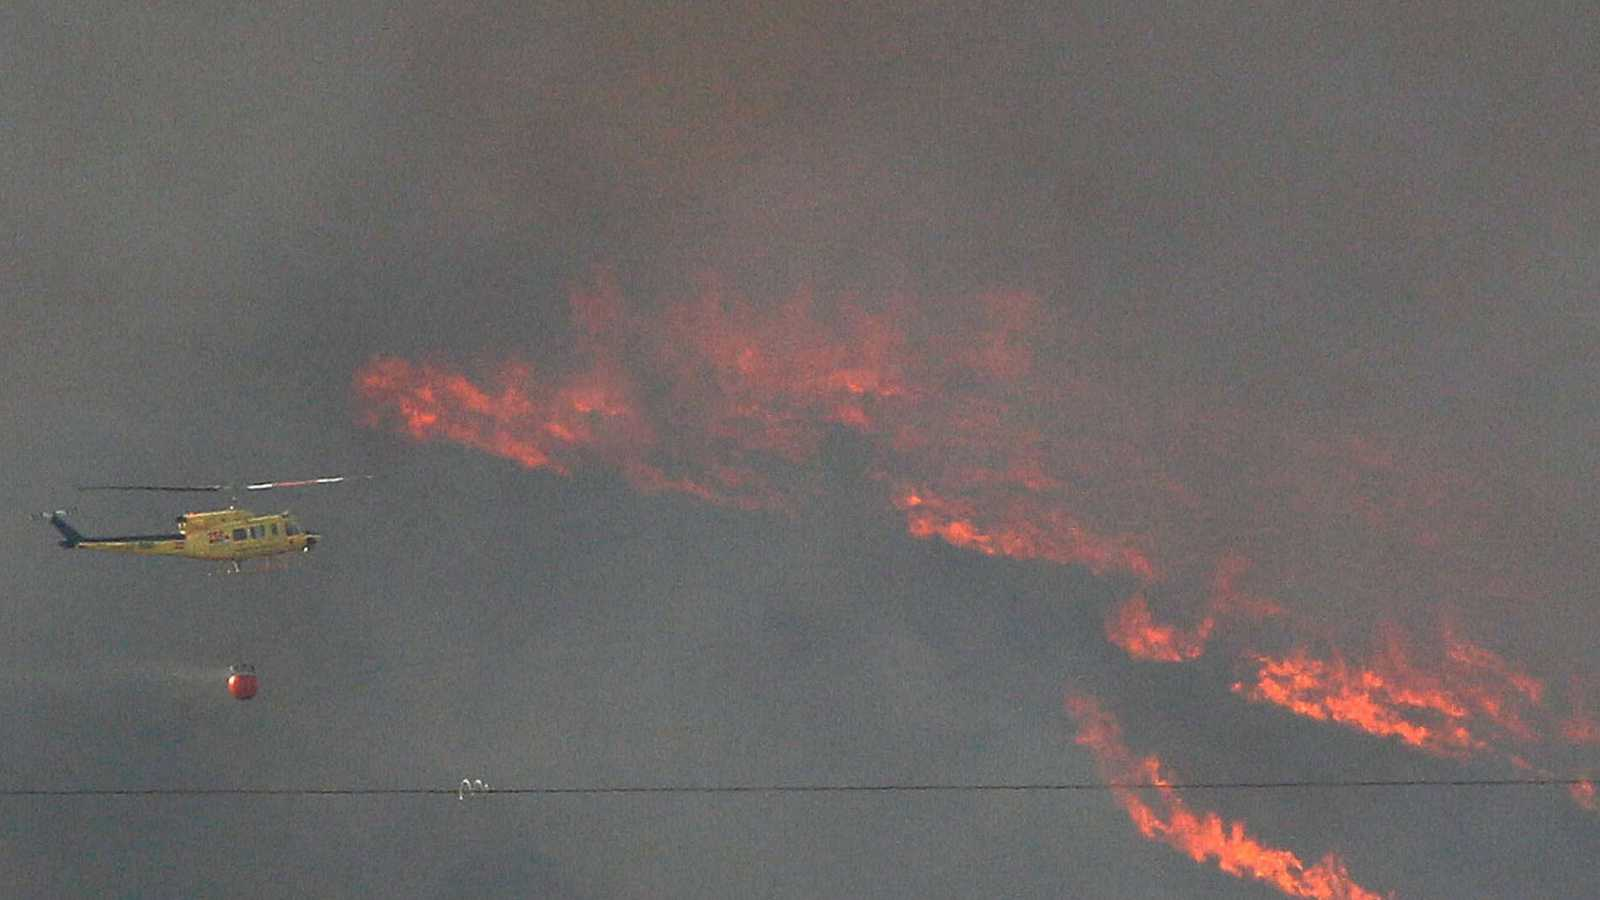 Estabilizado el incendio de Beneixama, Alicante tras quemar 900 hectáreas de masa forestal y cultivo de olivos